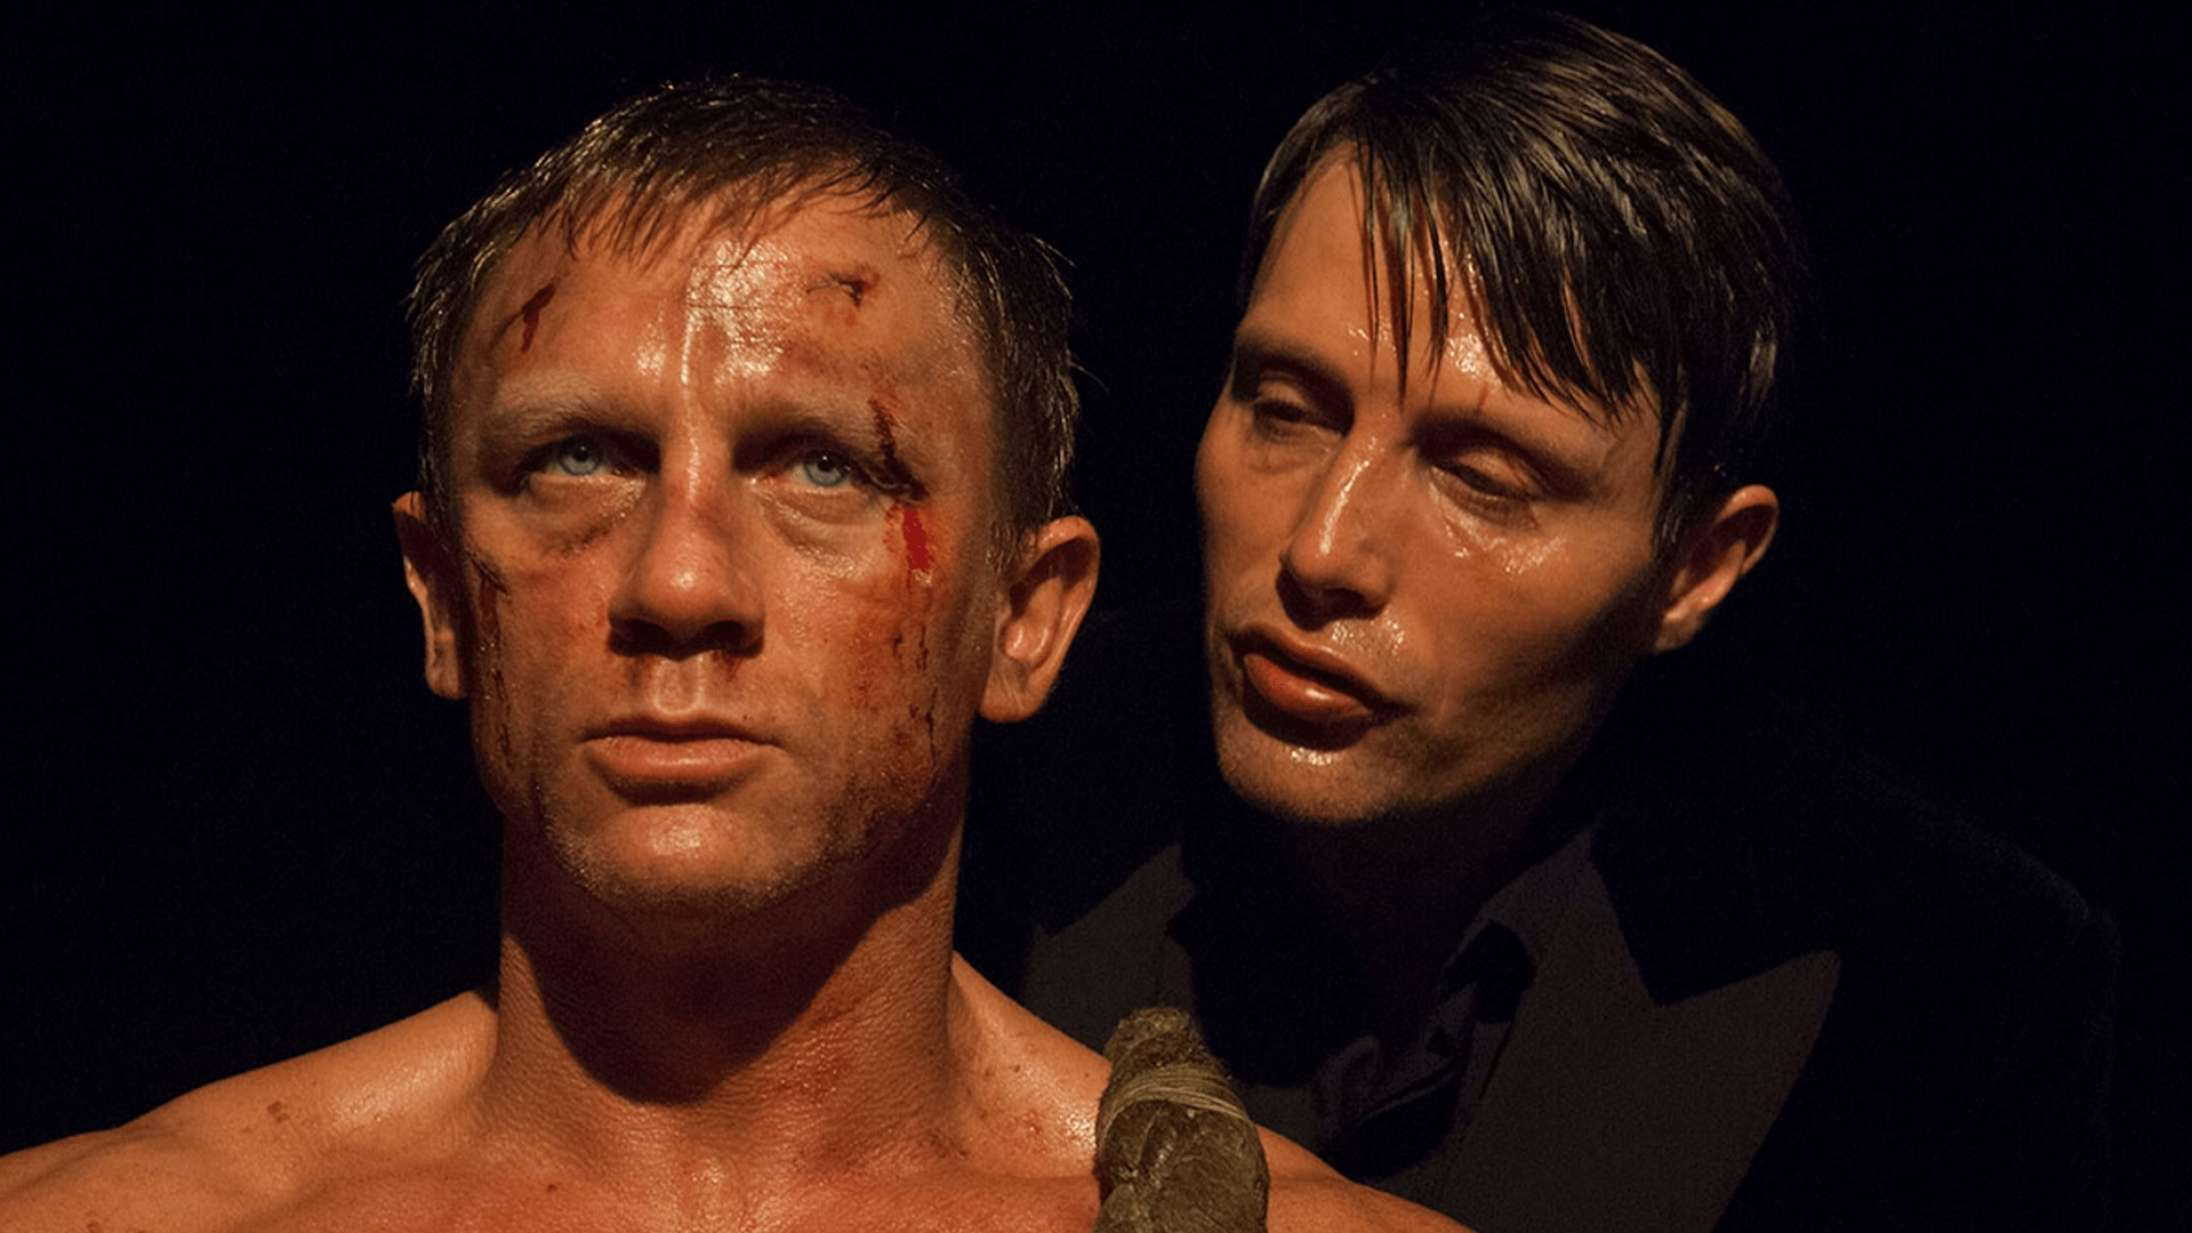 Se Mads Mikkelsen og Daniel Craigs genforening – med gylden anekdote om deres første møde